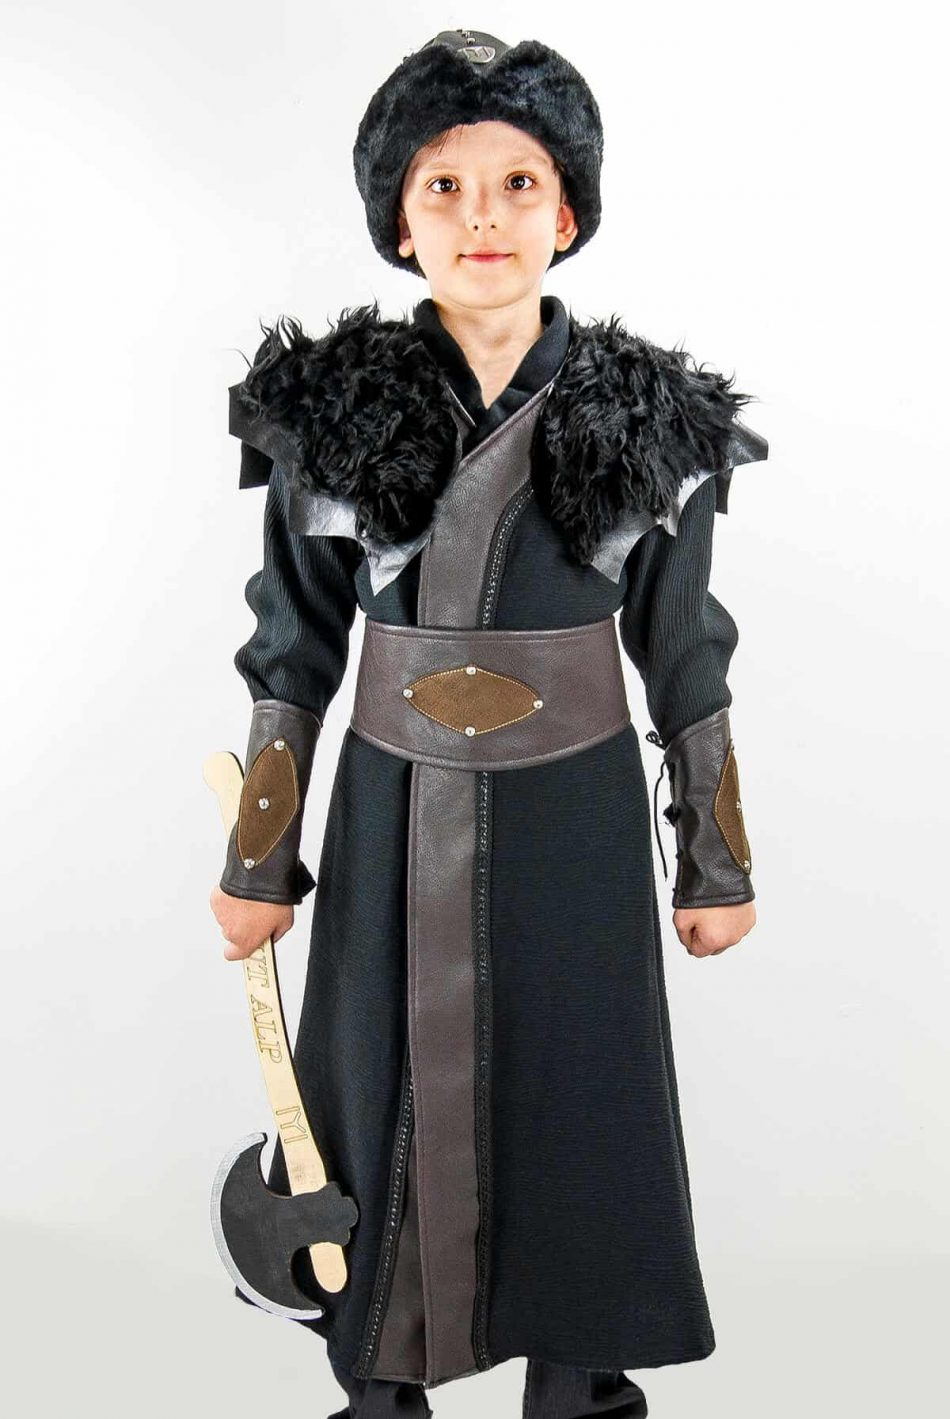 Resurrection Ertugrul Alp Costume For Children 2 950x1419 - Resurrection Ertugrul Alp Costume For Children